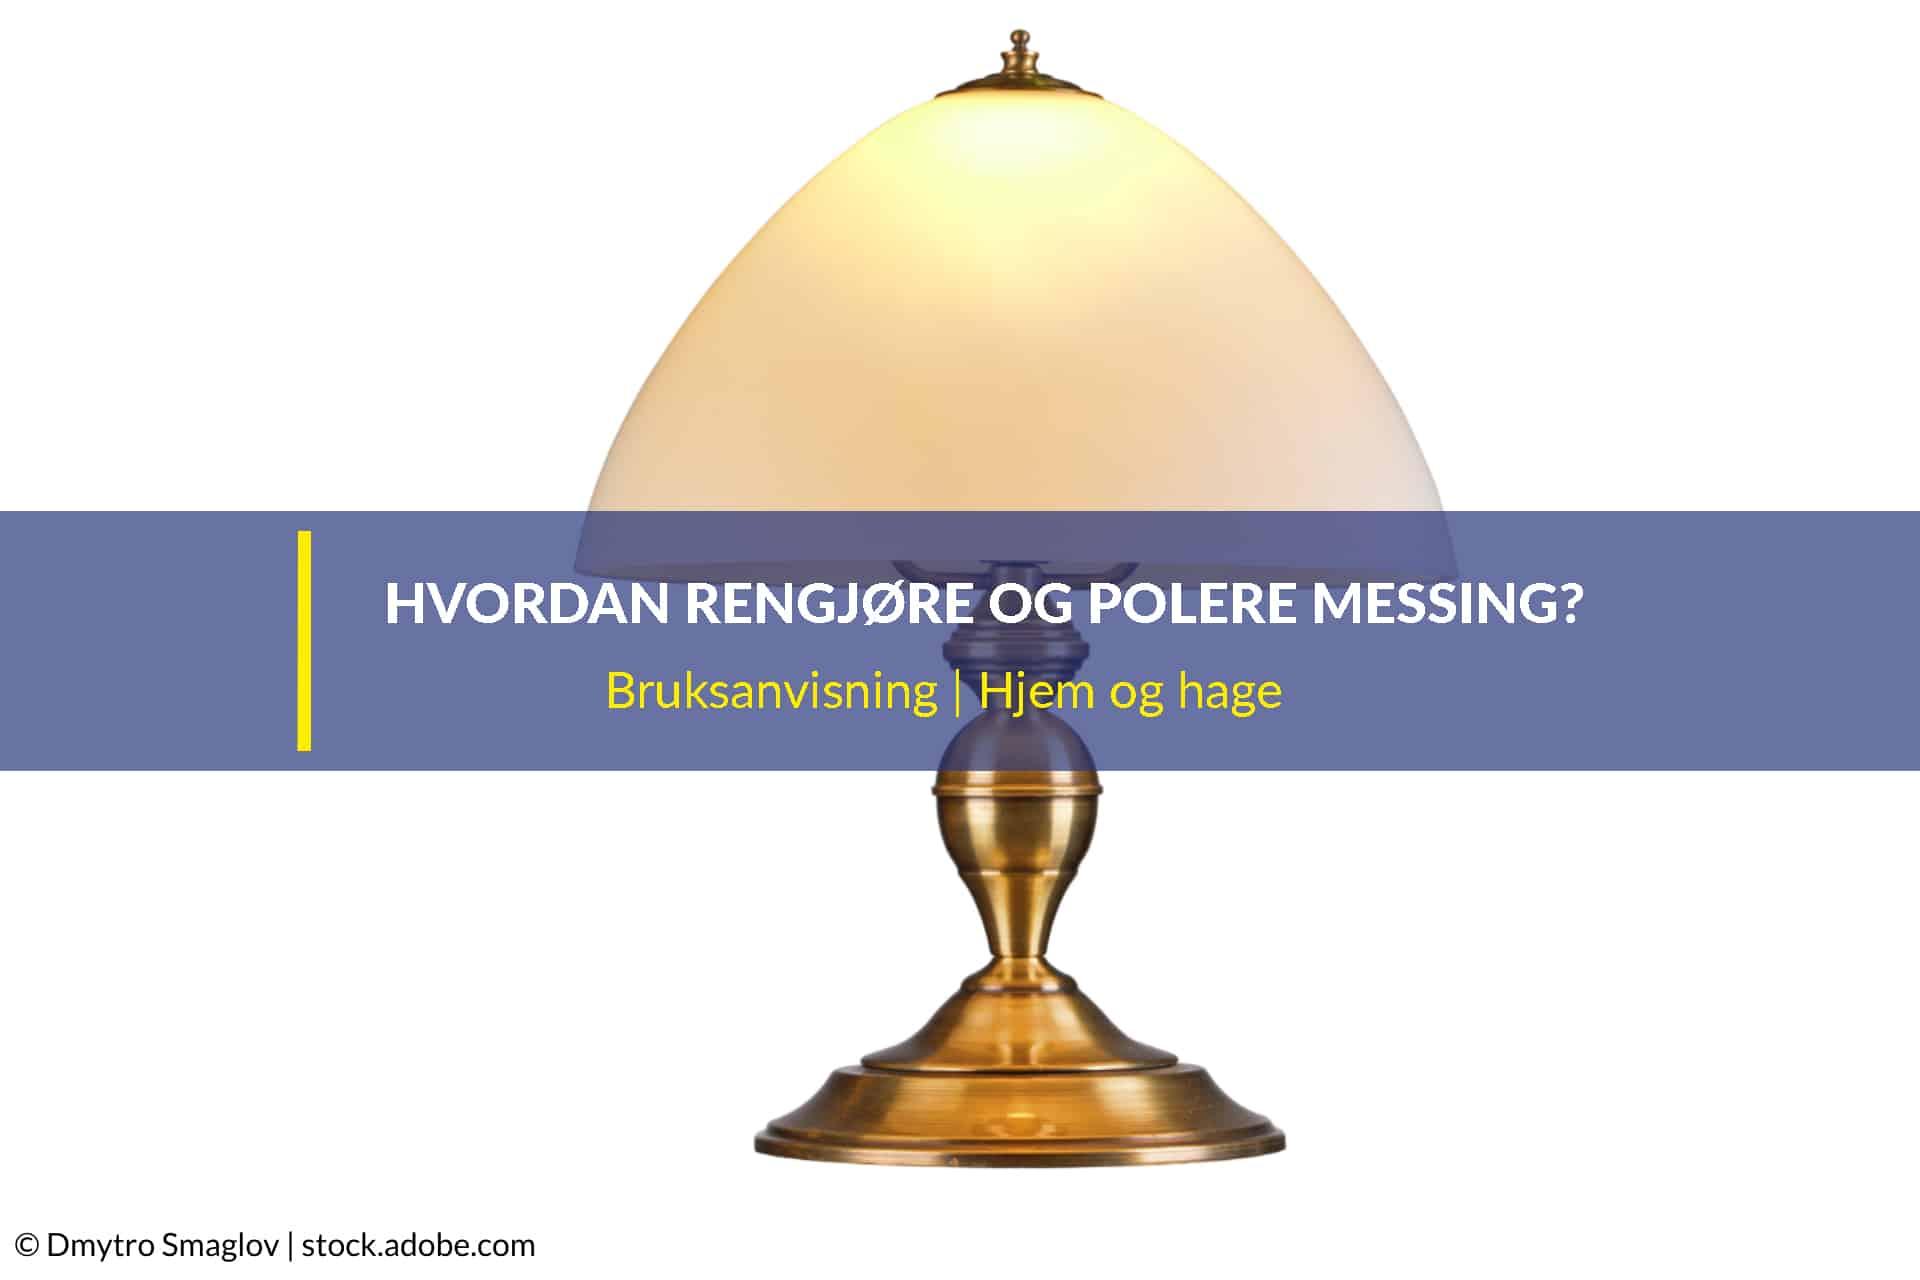 Hvordan rengjøre og polerer messinglamper WD 40 Norge